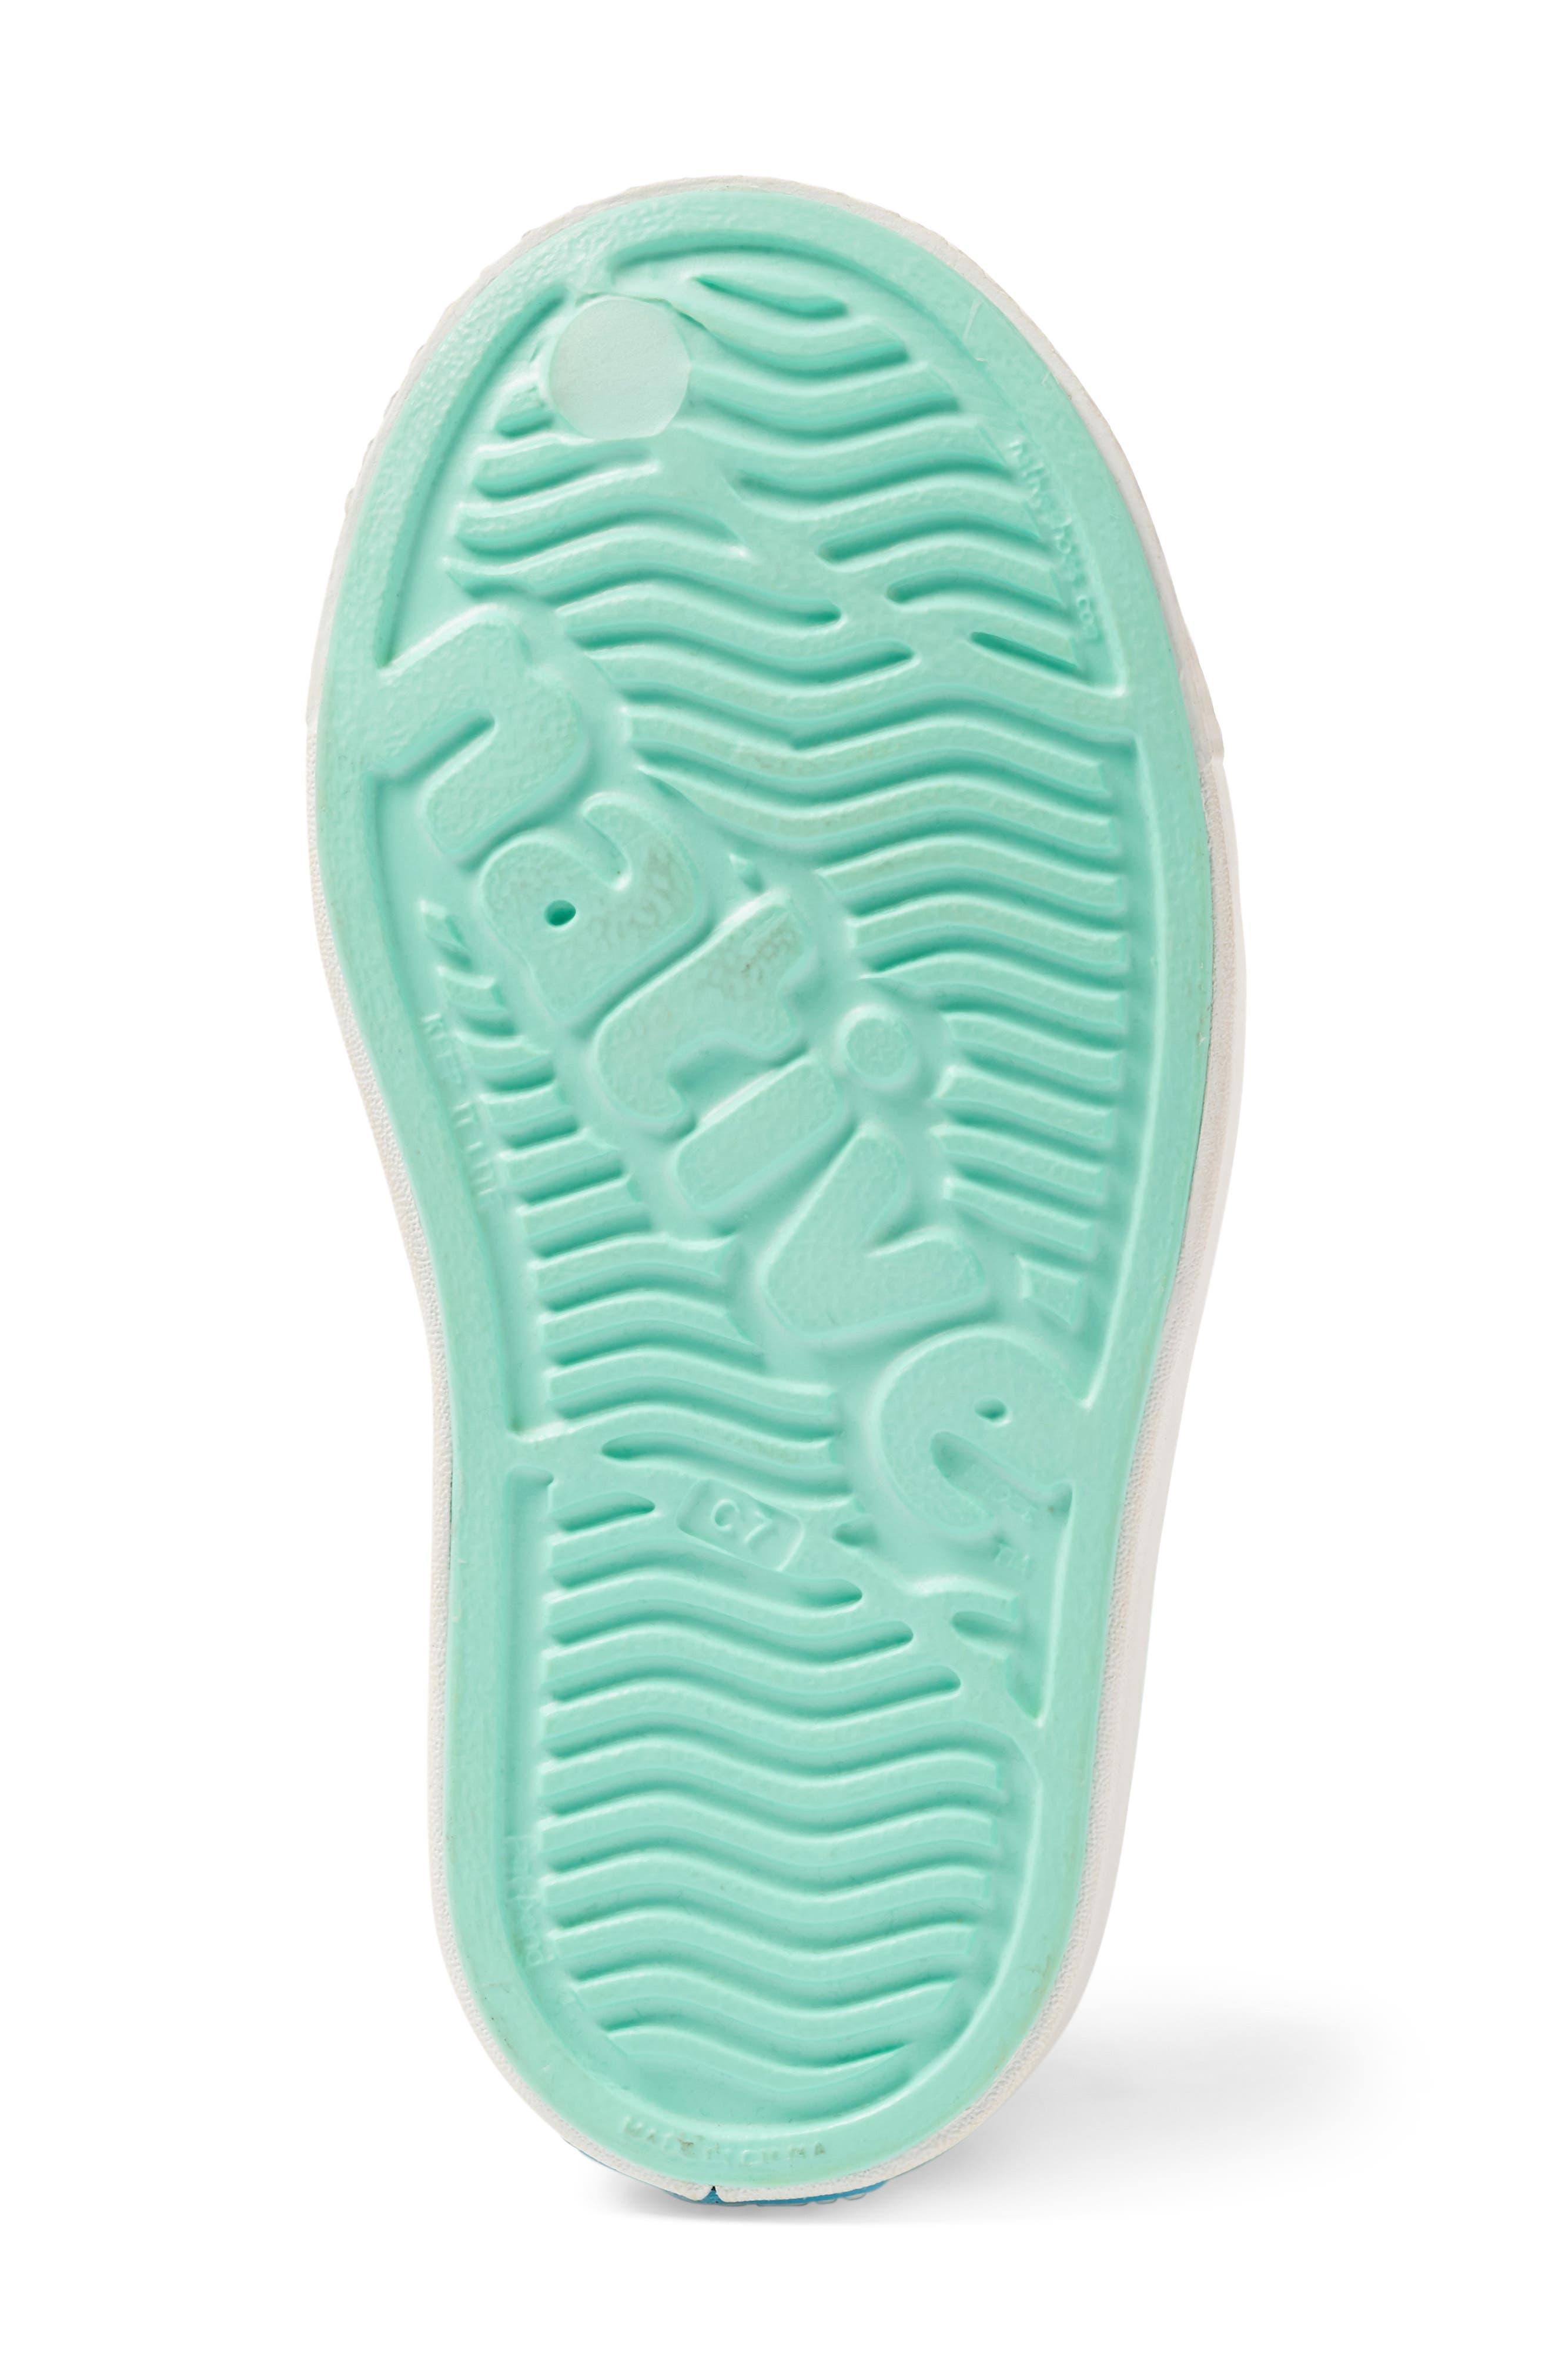 Alternate Image 4  - Native Shoes 'Jefferson' Iridescent Slip-On Sneaker (Baby, Walker, Toddler & Little Kid)